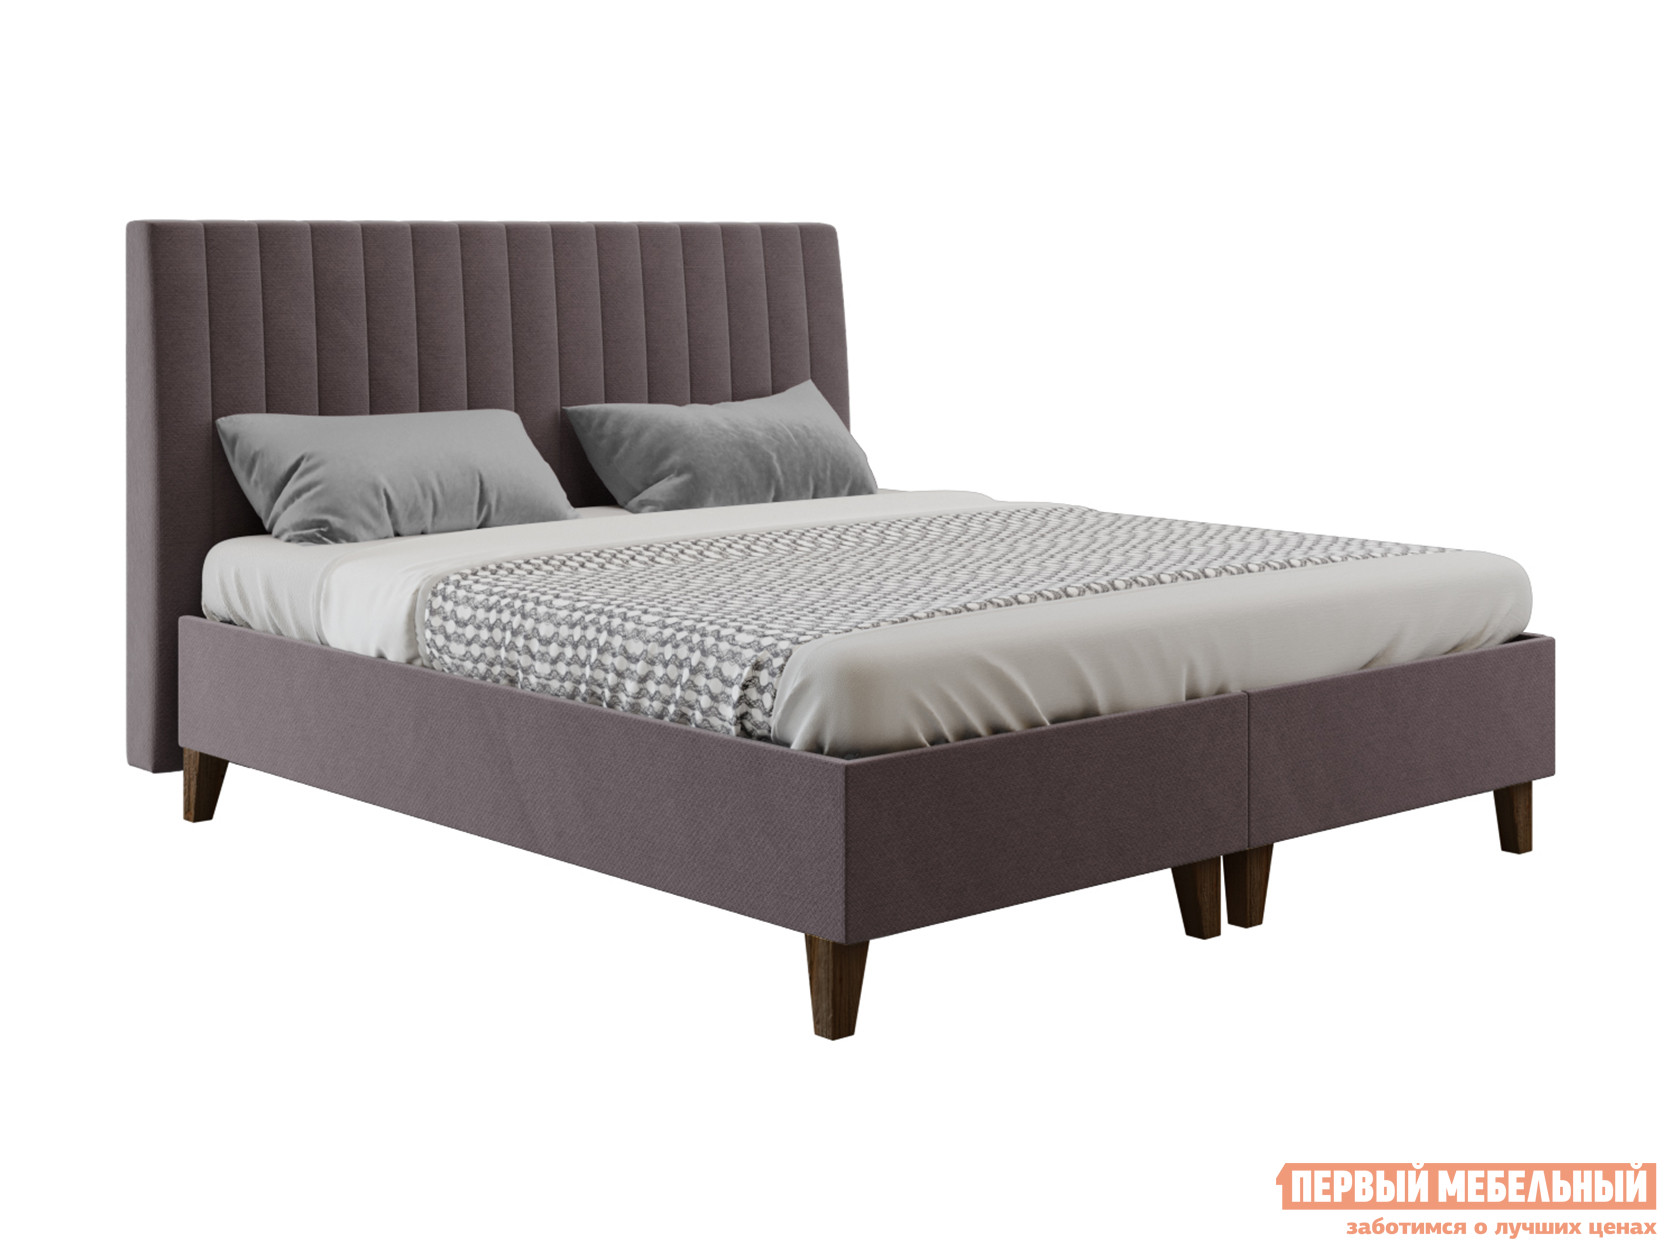 Двуспальная кровать  Кровать Вивент с подъемным механизмом 140х200, 160х200, 180х200 Серый, 160х200 см